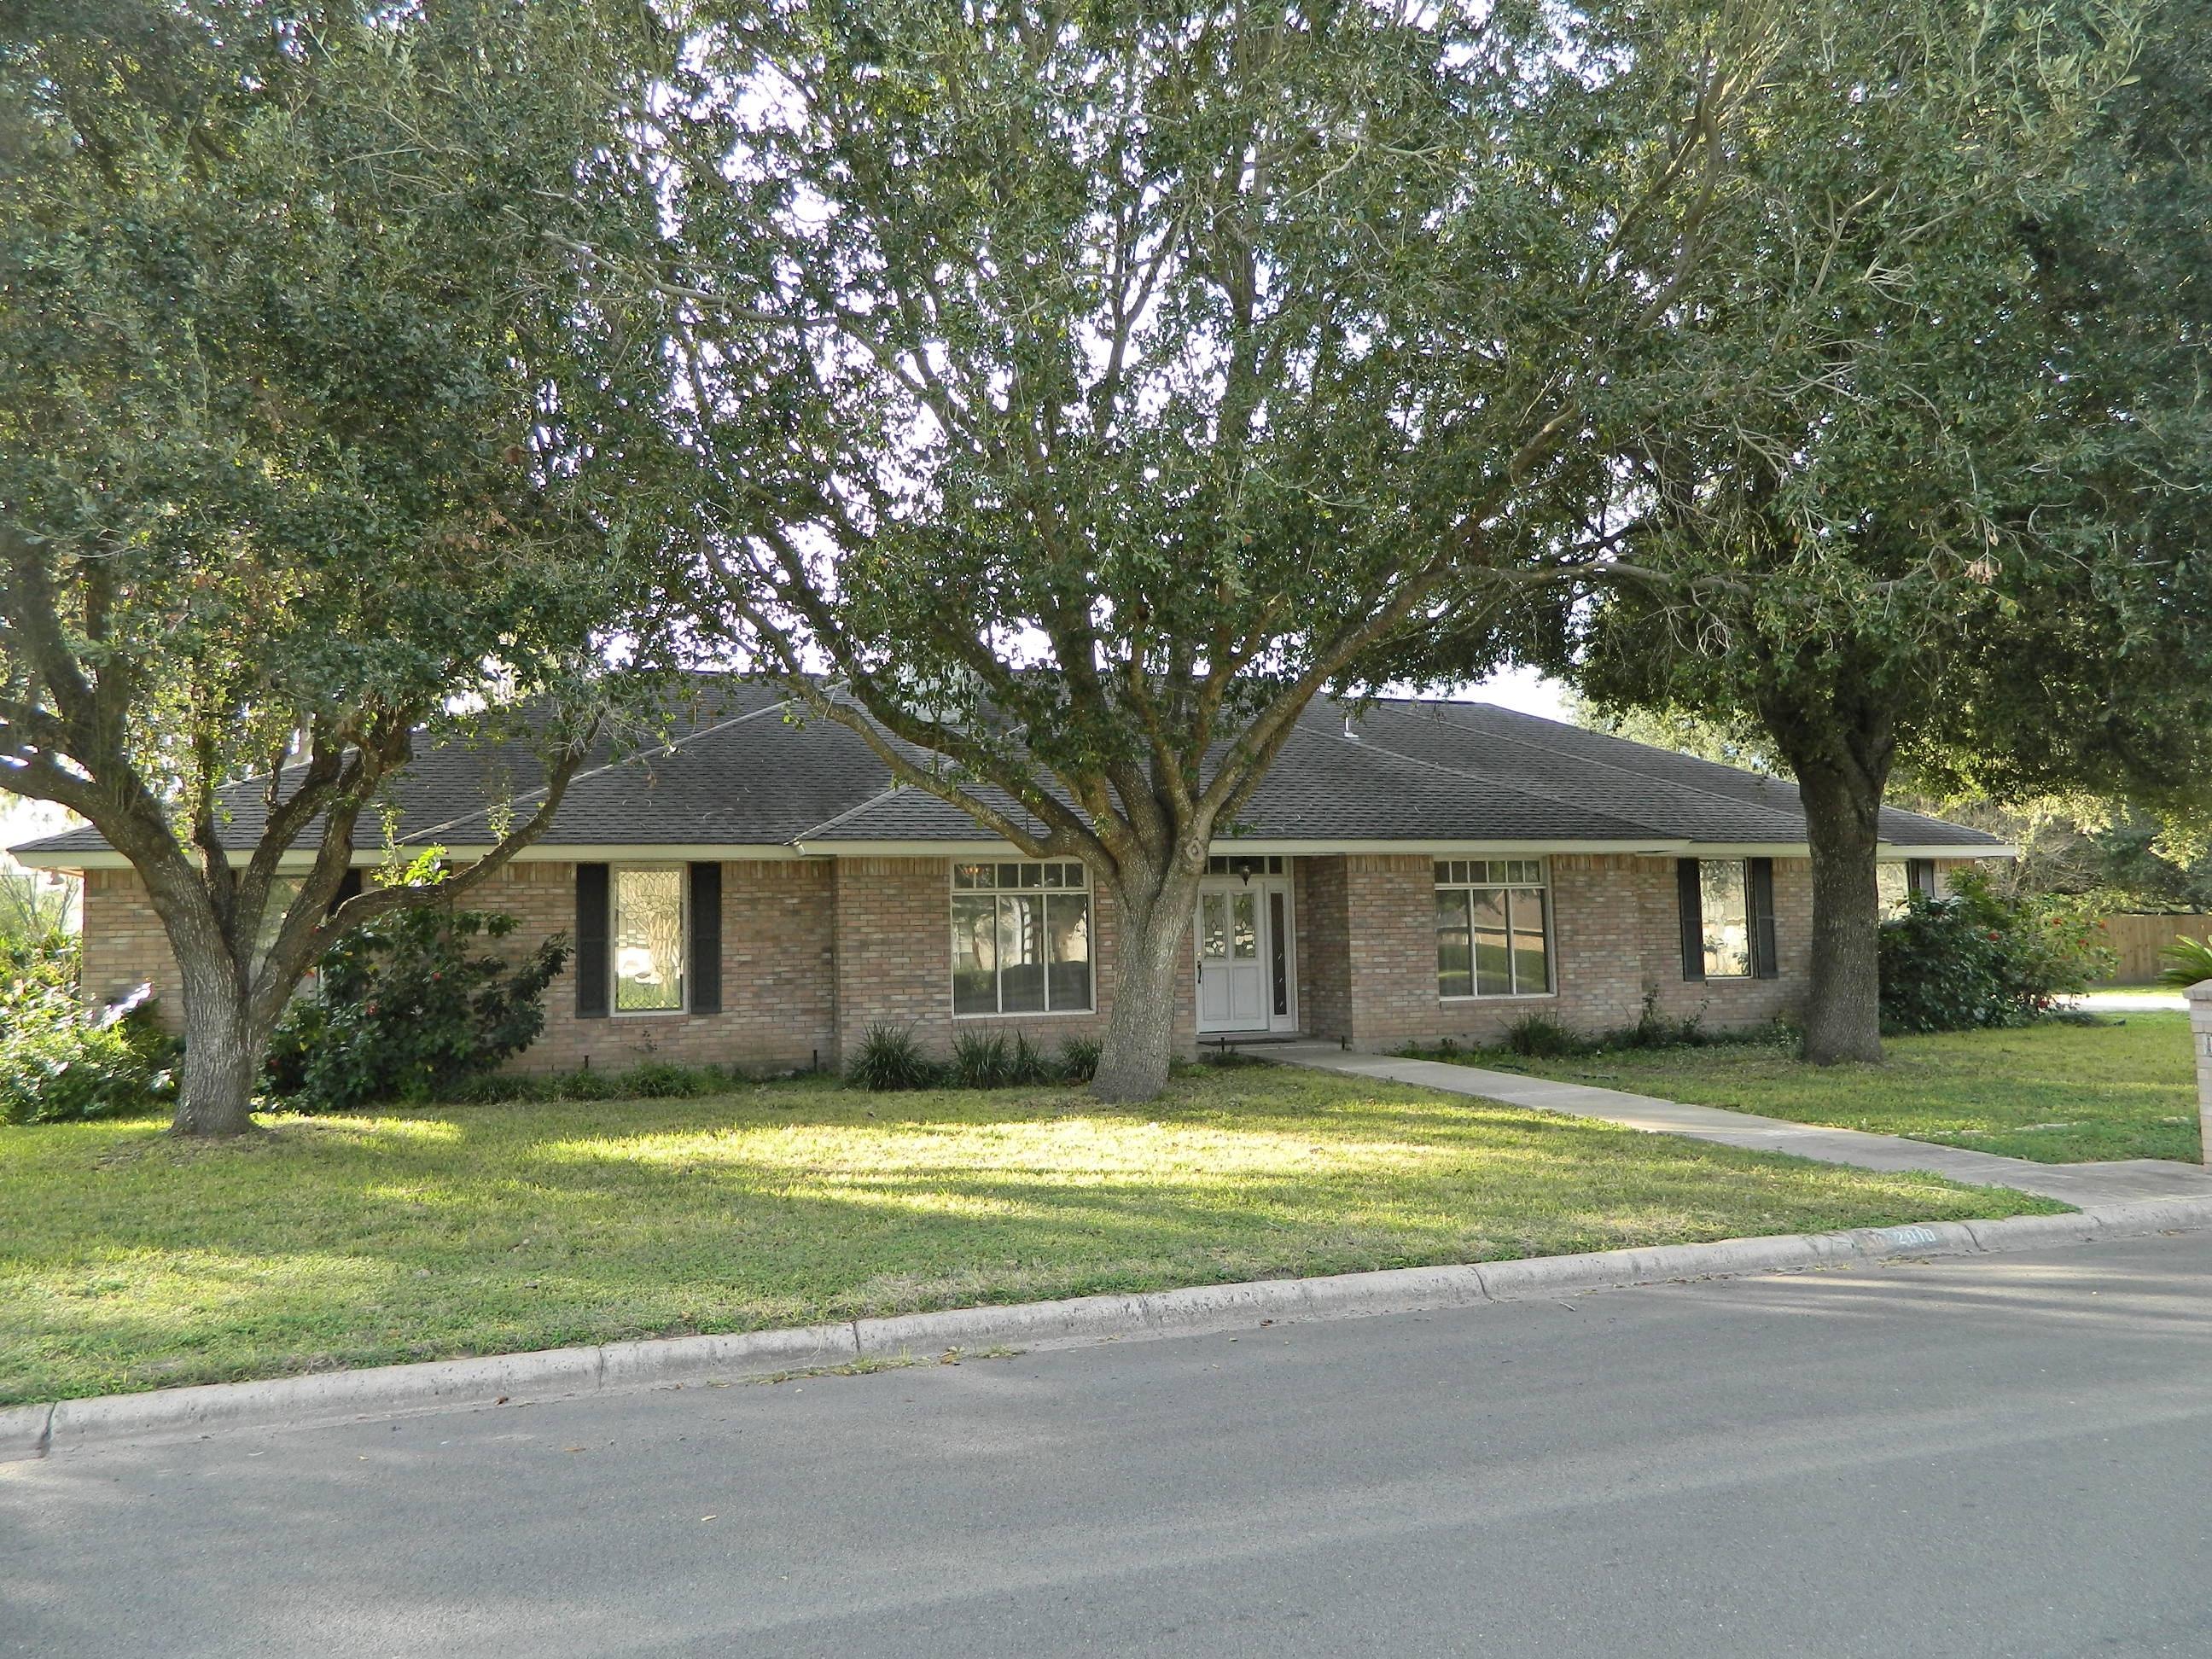 2010 N Forest LN, Weslaco, Texas 78596